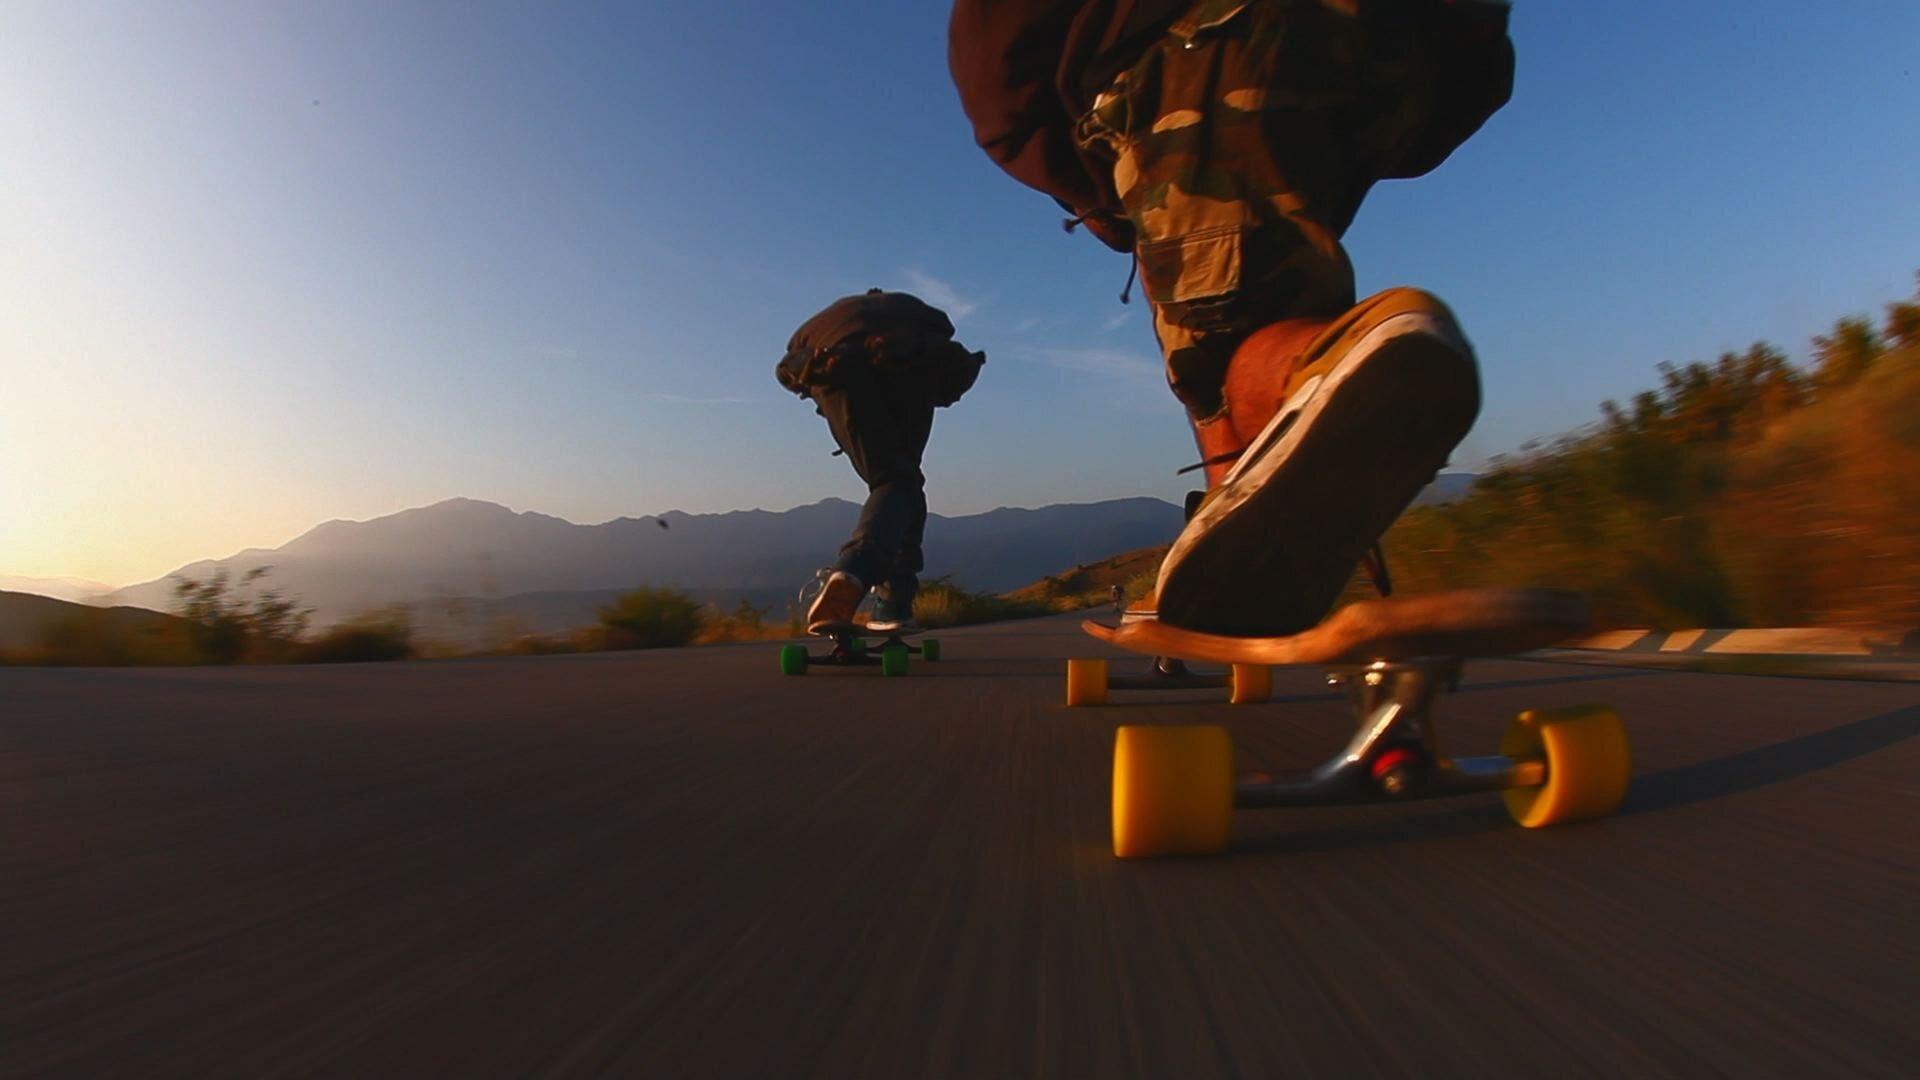 Hình dạng ảnh hưởng như thế nào đến ván trượt?